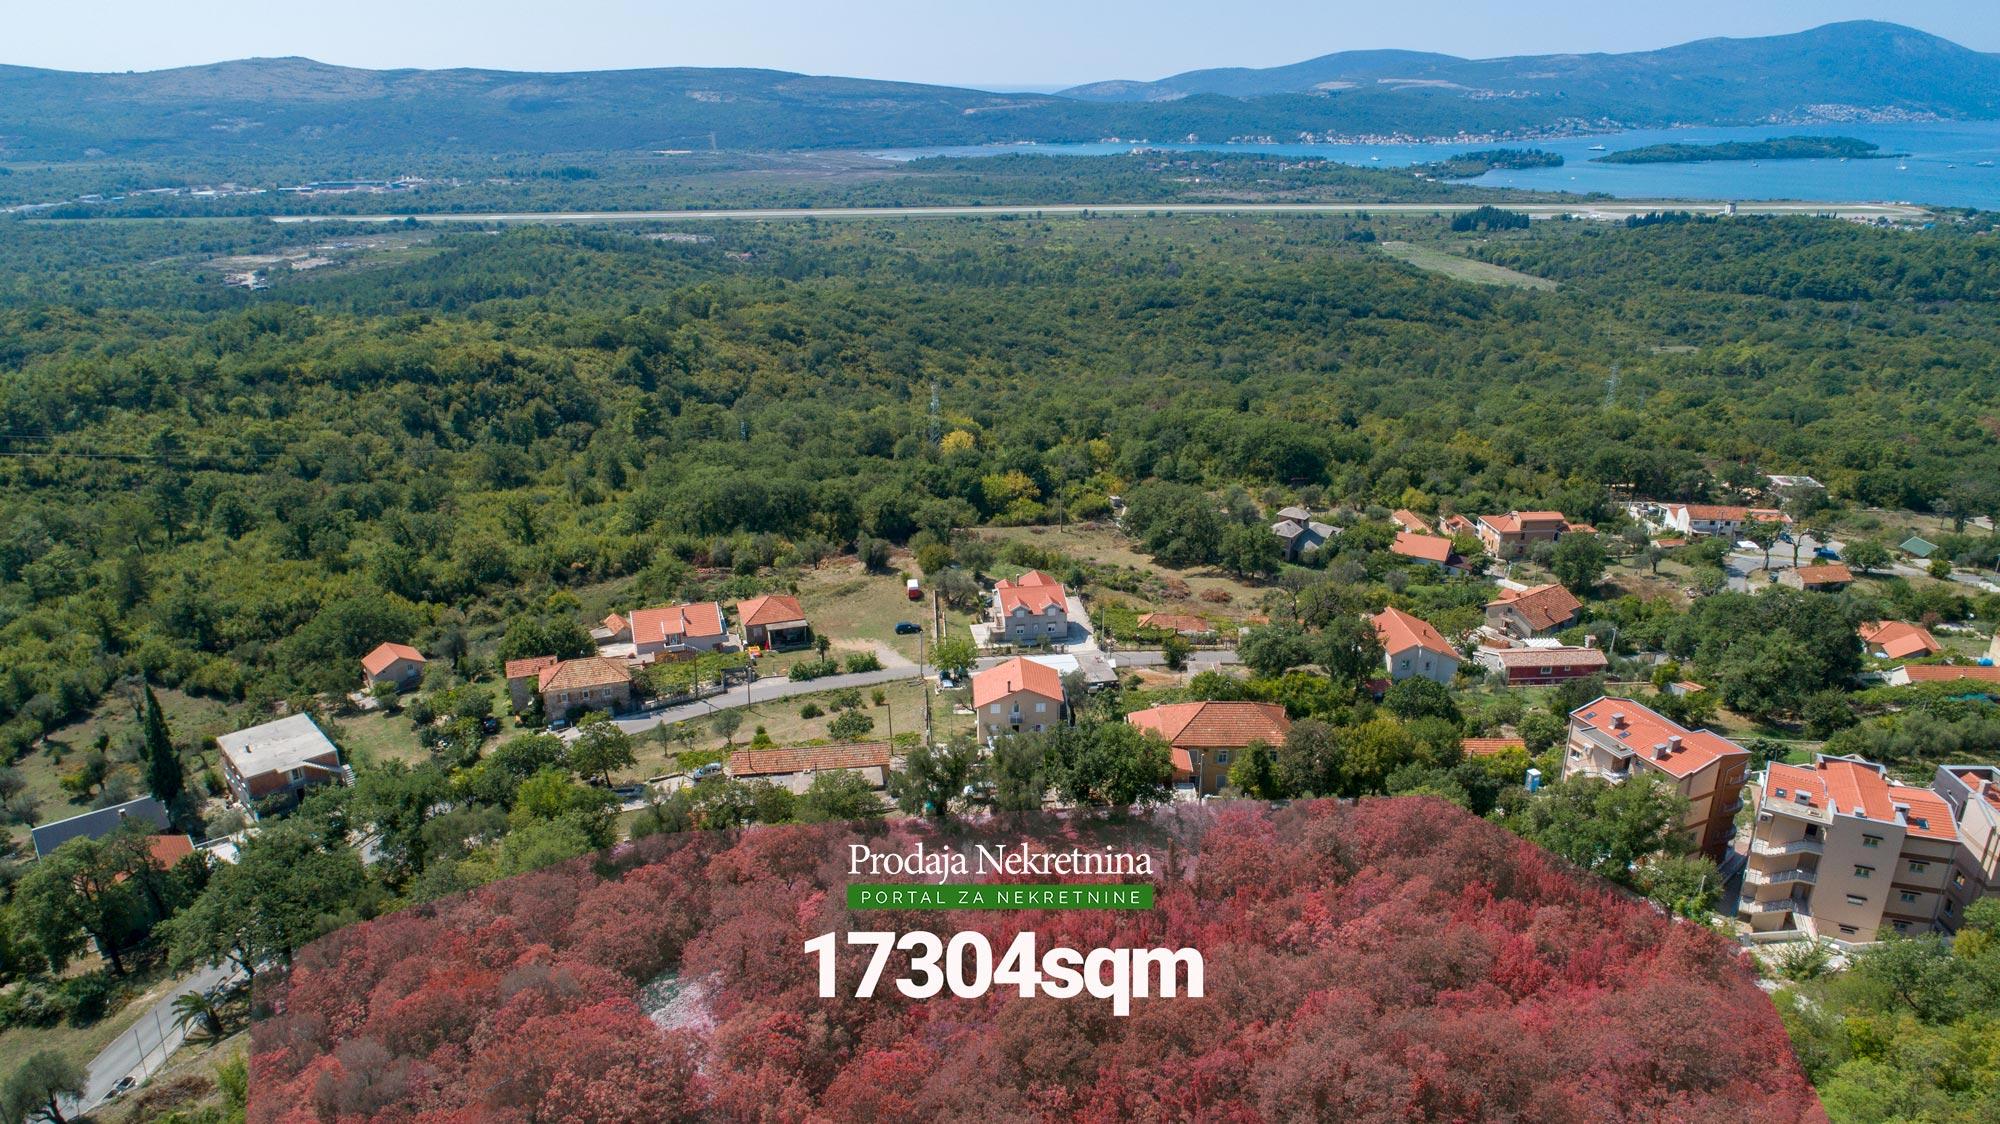 Продажа земли в черногории продажа квартиры в риге